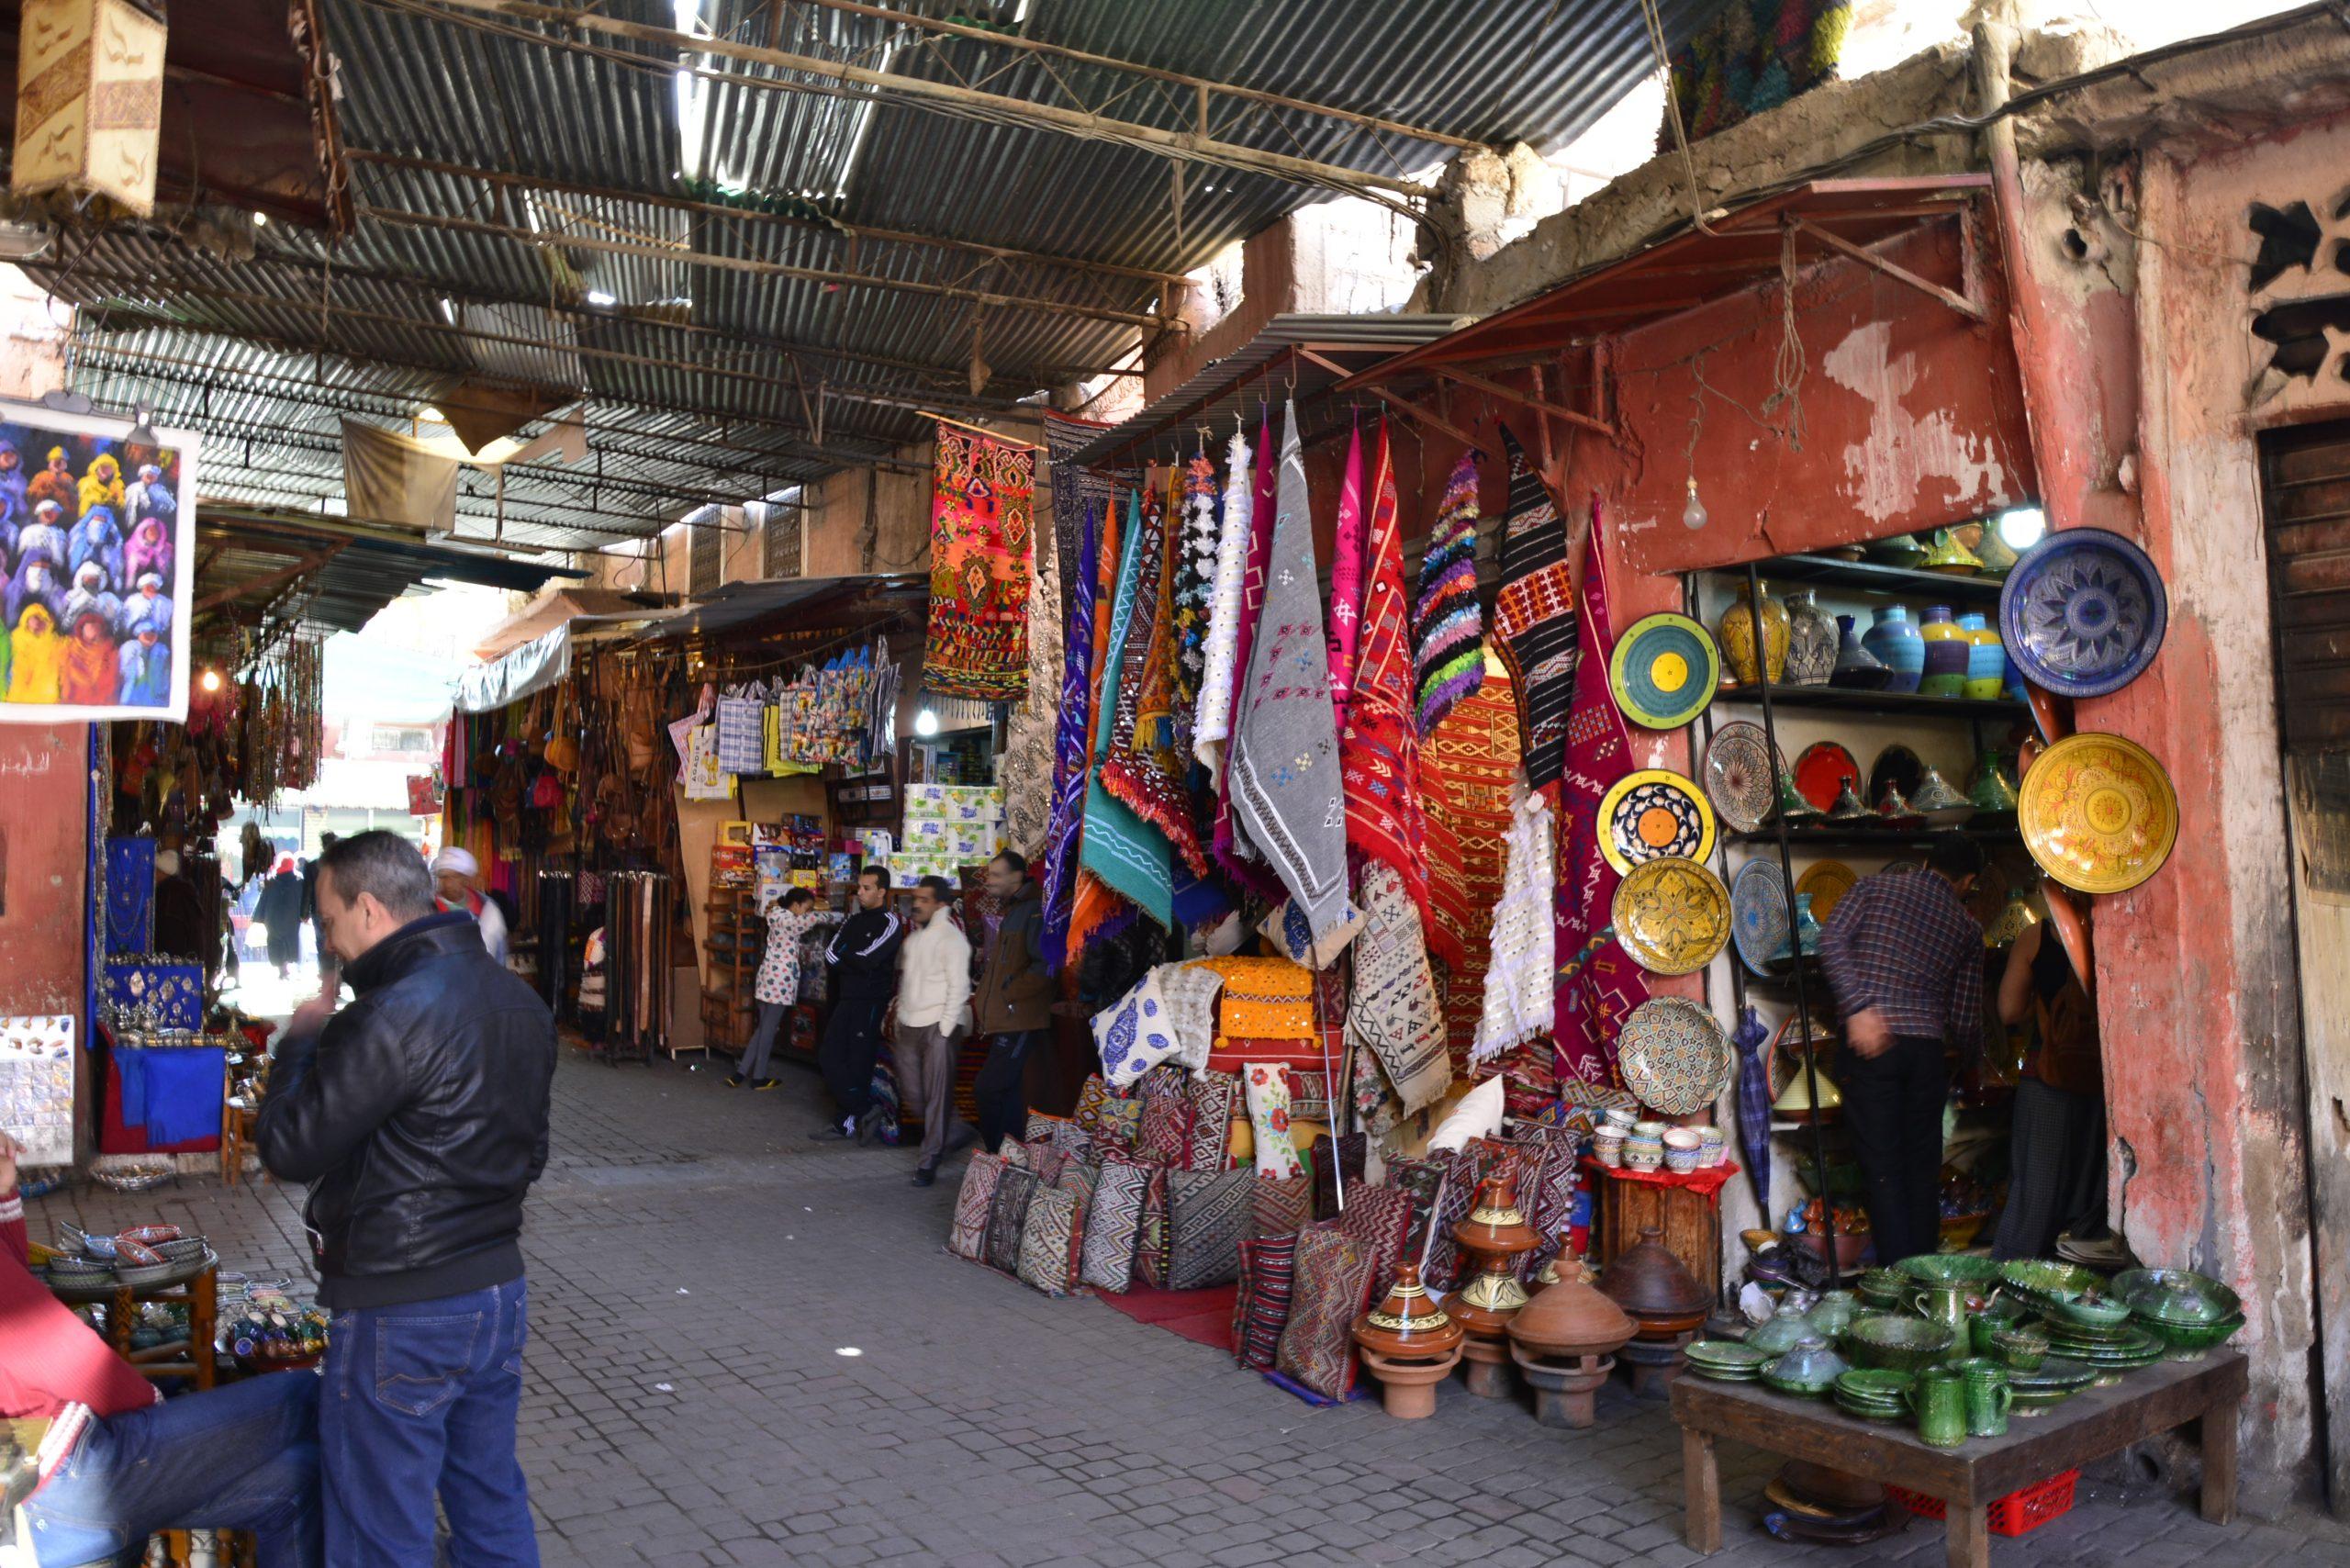 Coaching Reise Marokko Bazaar